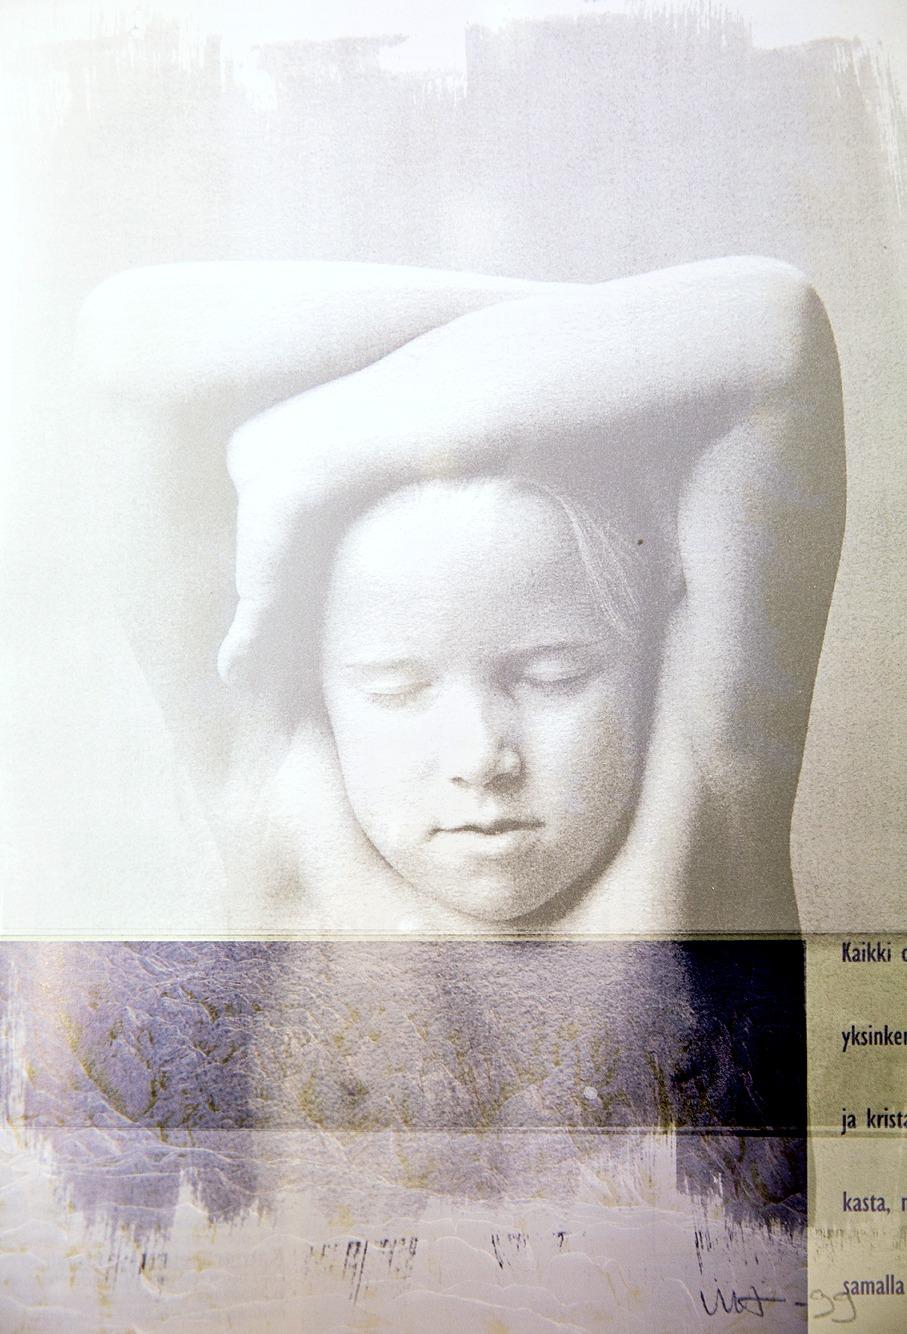 Monivalotettu valokuva, monivalotetut valokuvat, valokuvataide, art, photoart, monivalotus, valokuva, valokuvaaja, Frida Steiner, taide